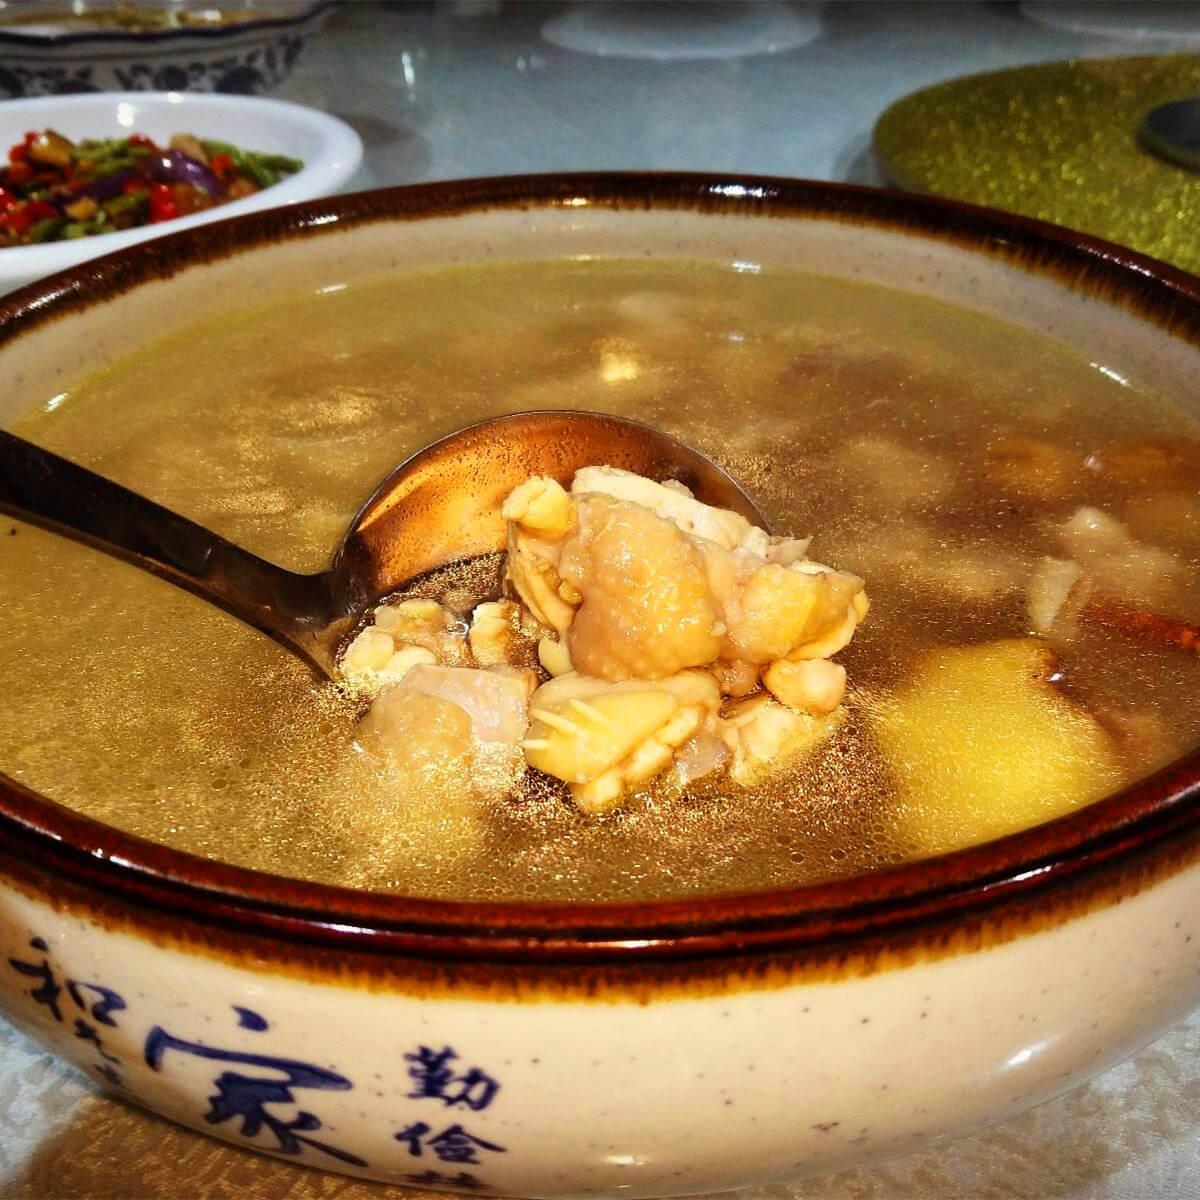 香甜的石斛养生汤